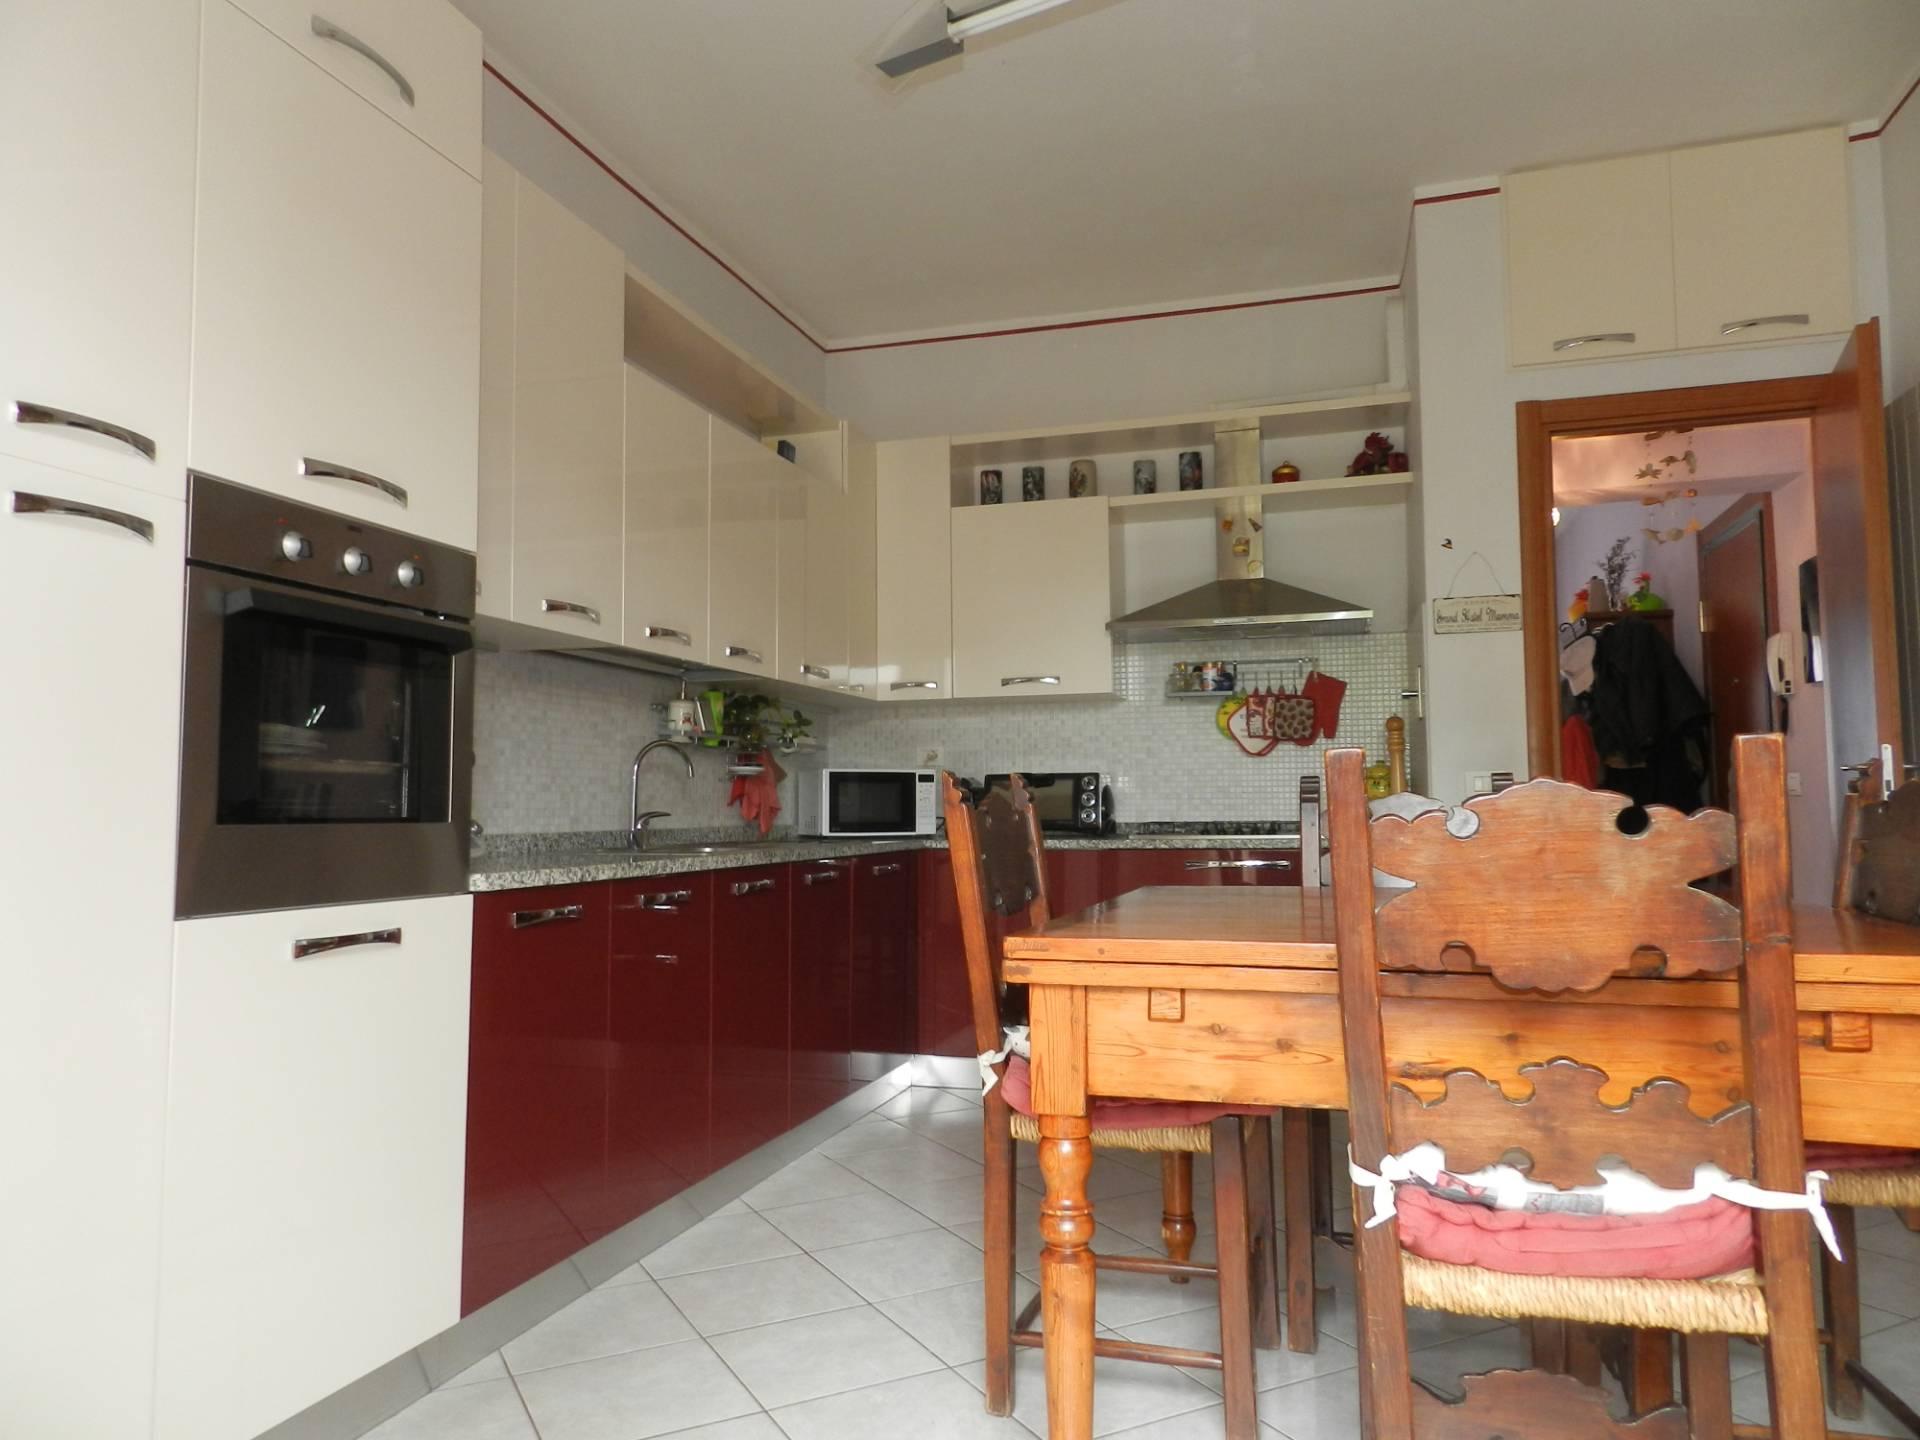 Appartamento in vendita a Capannori, 4 locali, zona Località: S.aMargherita, prezzo € 130.000 | PortaleAgenzieImmobiliari.it